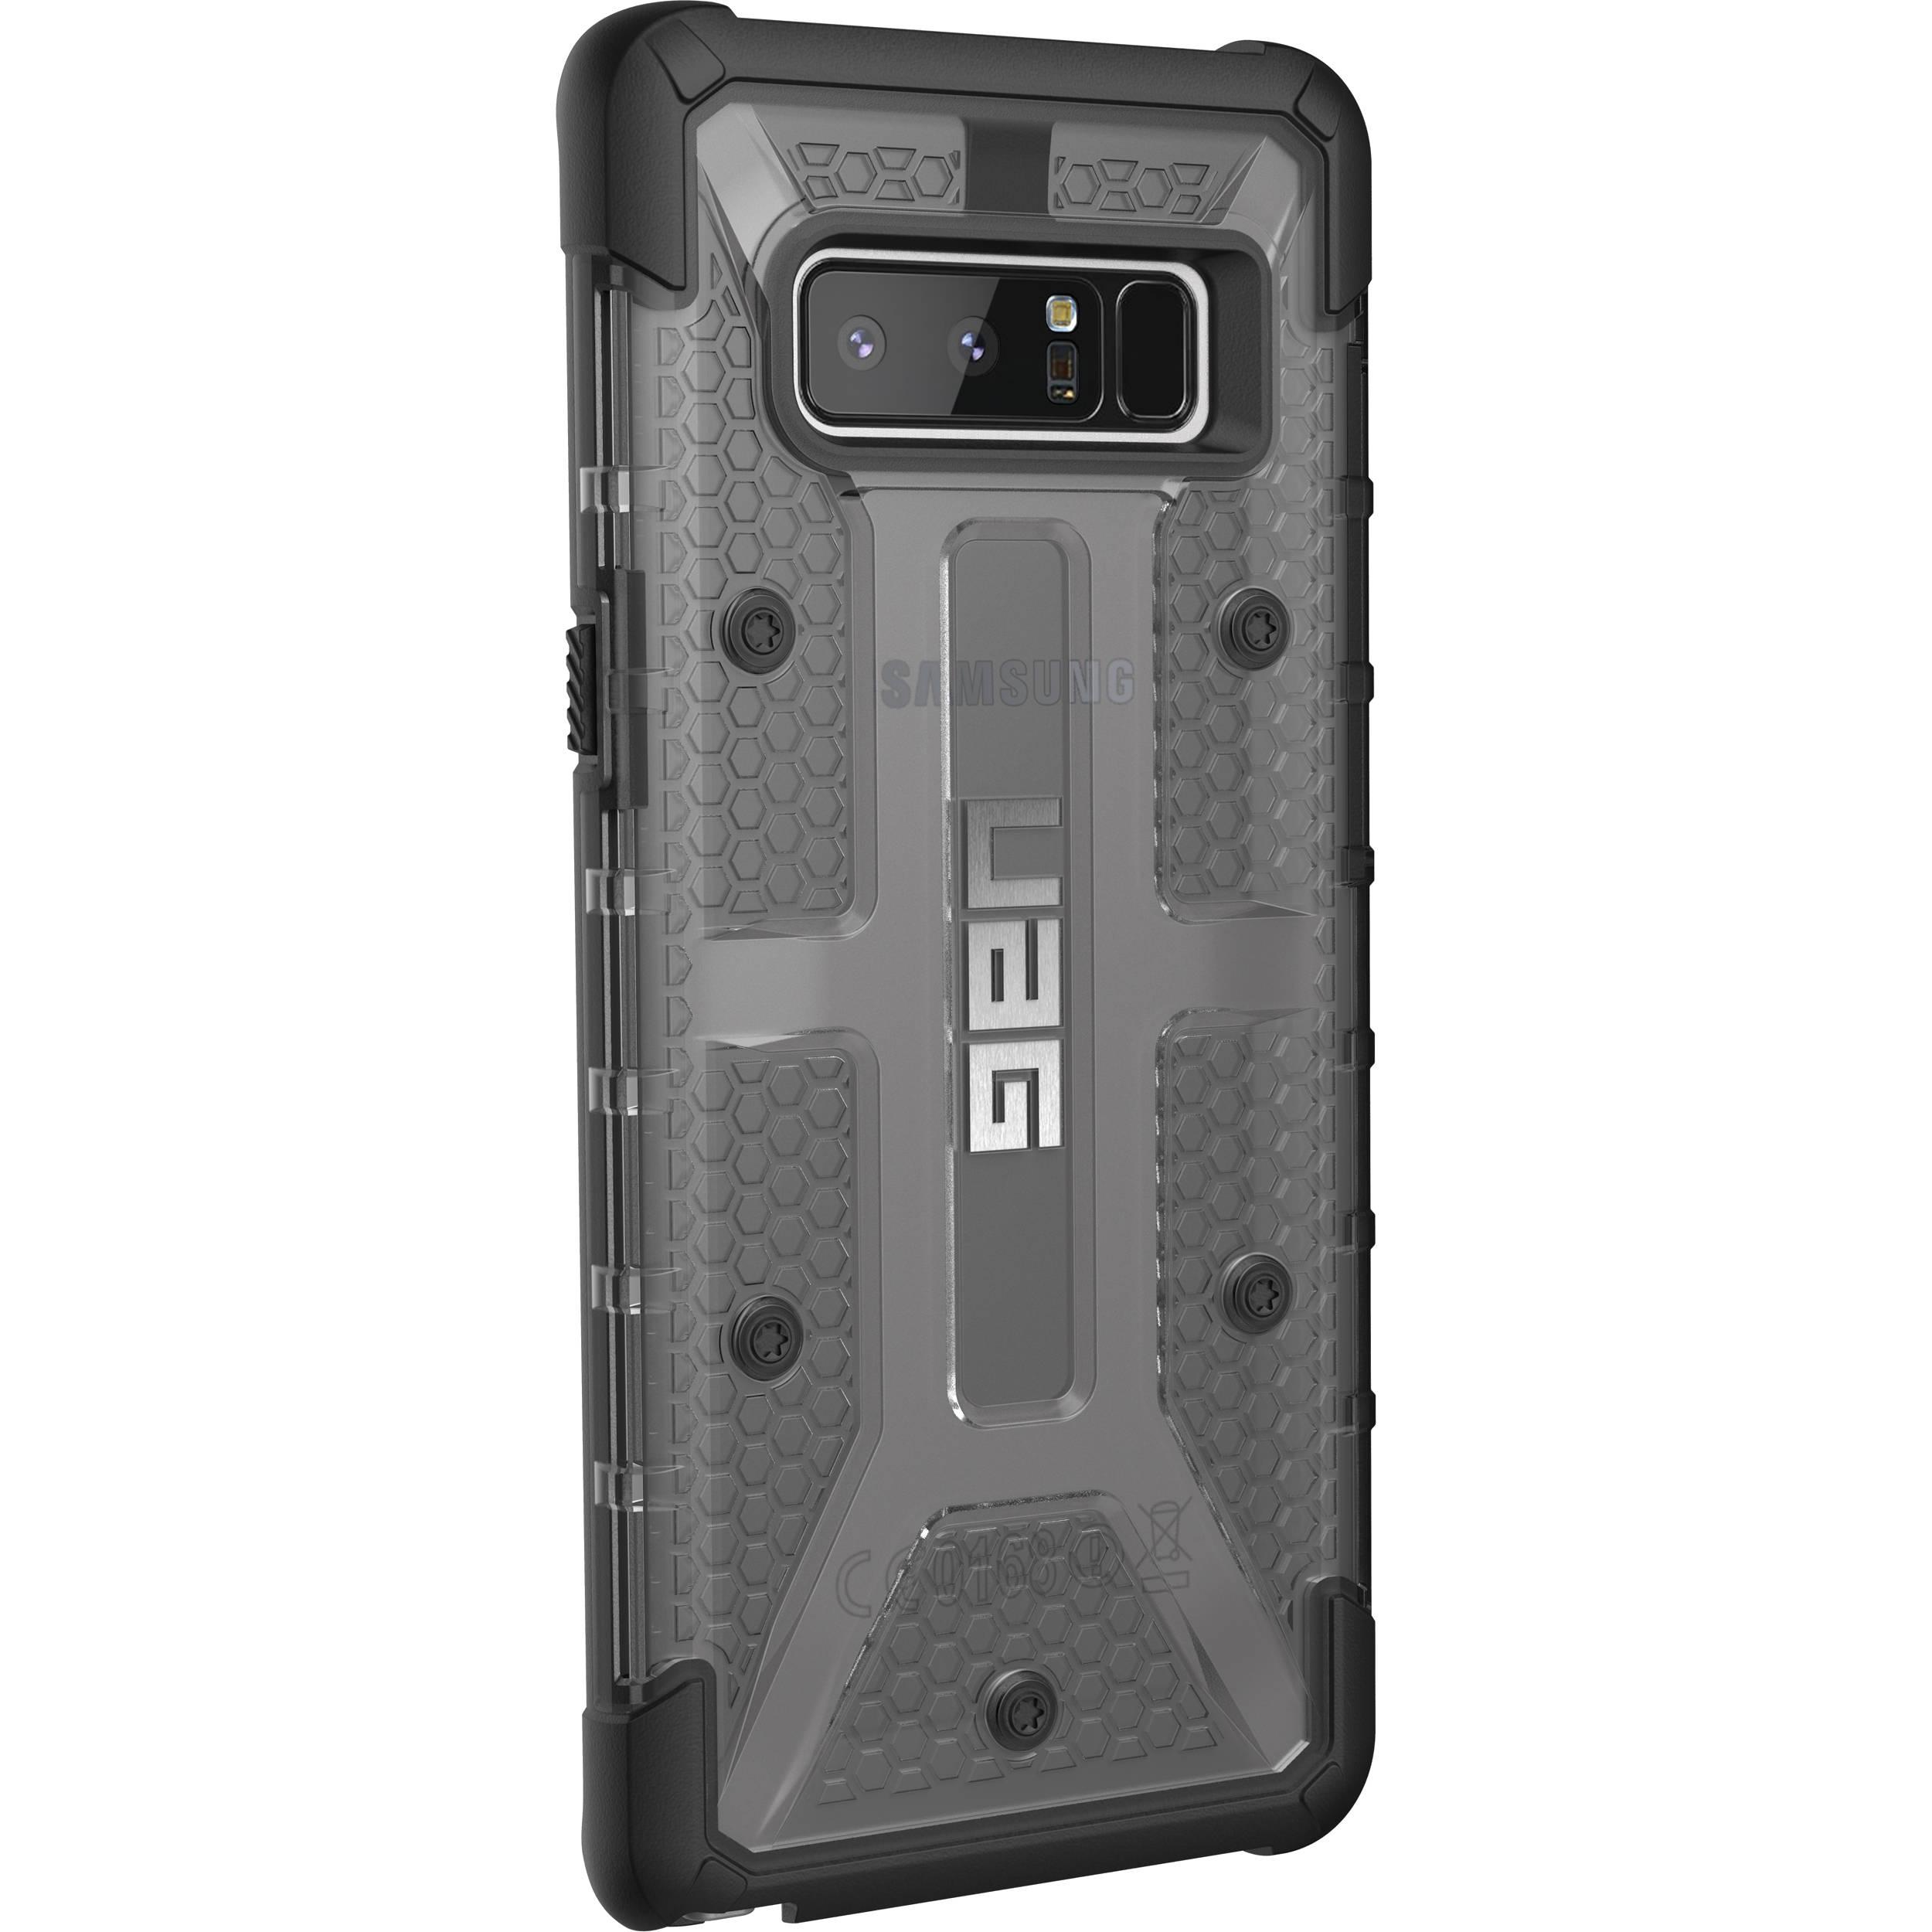 online store 8a4cb ced5a Urban Armor Gear Plasma Case for iPhone 6 Plus/6s Plus/7 Plus/8 Plus (Ash)